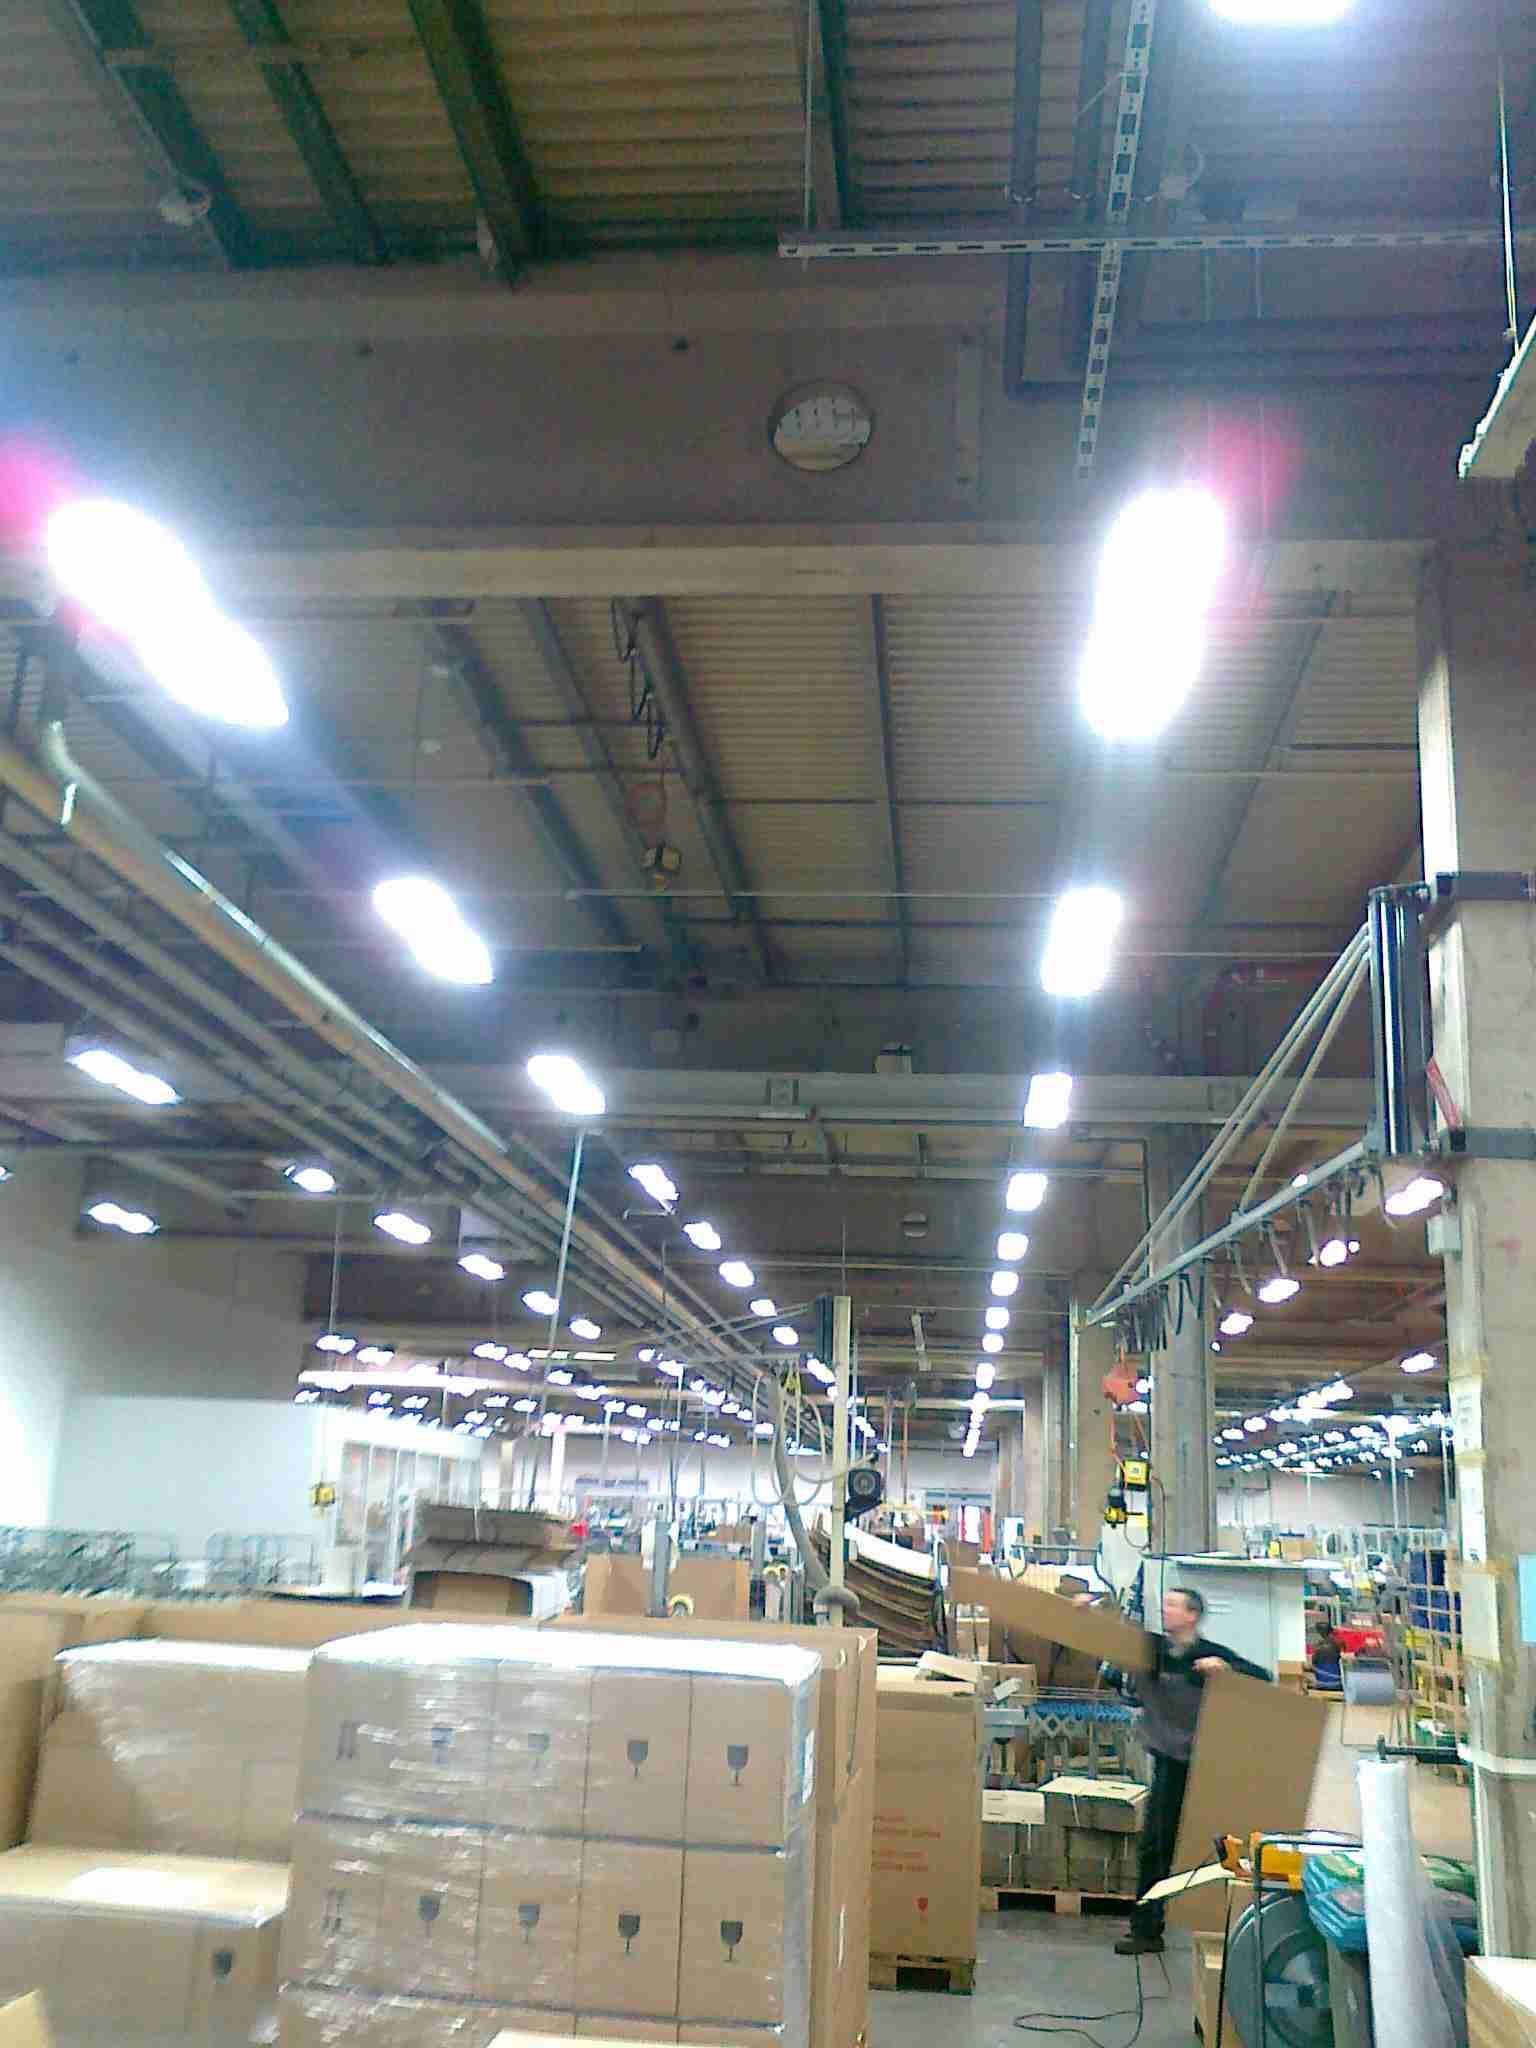 Durchbruch in der LED-Technologie